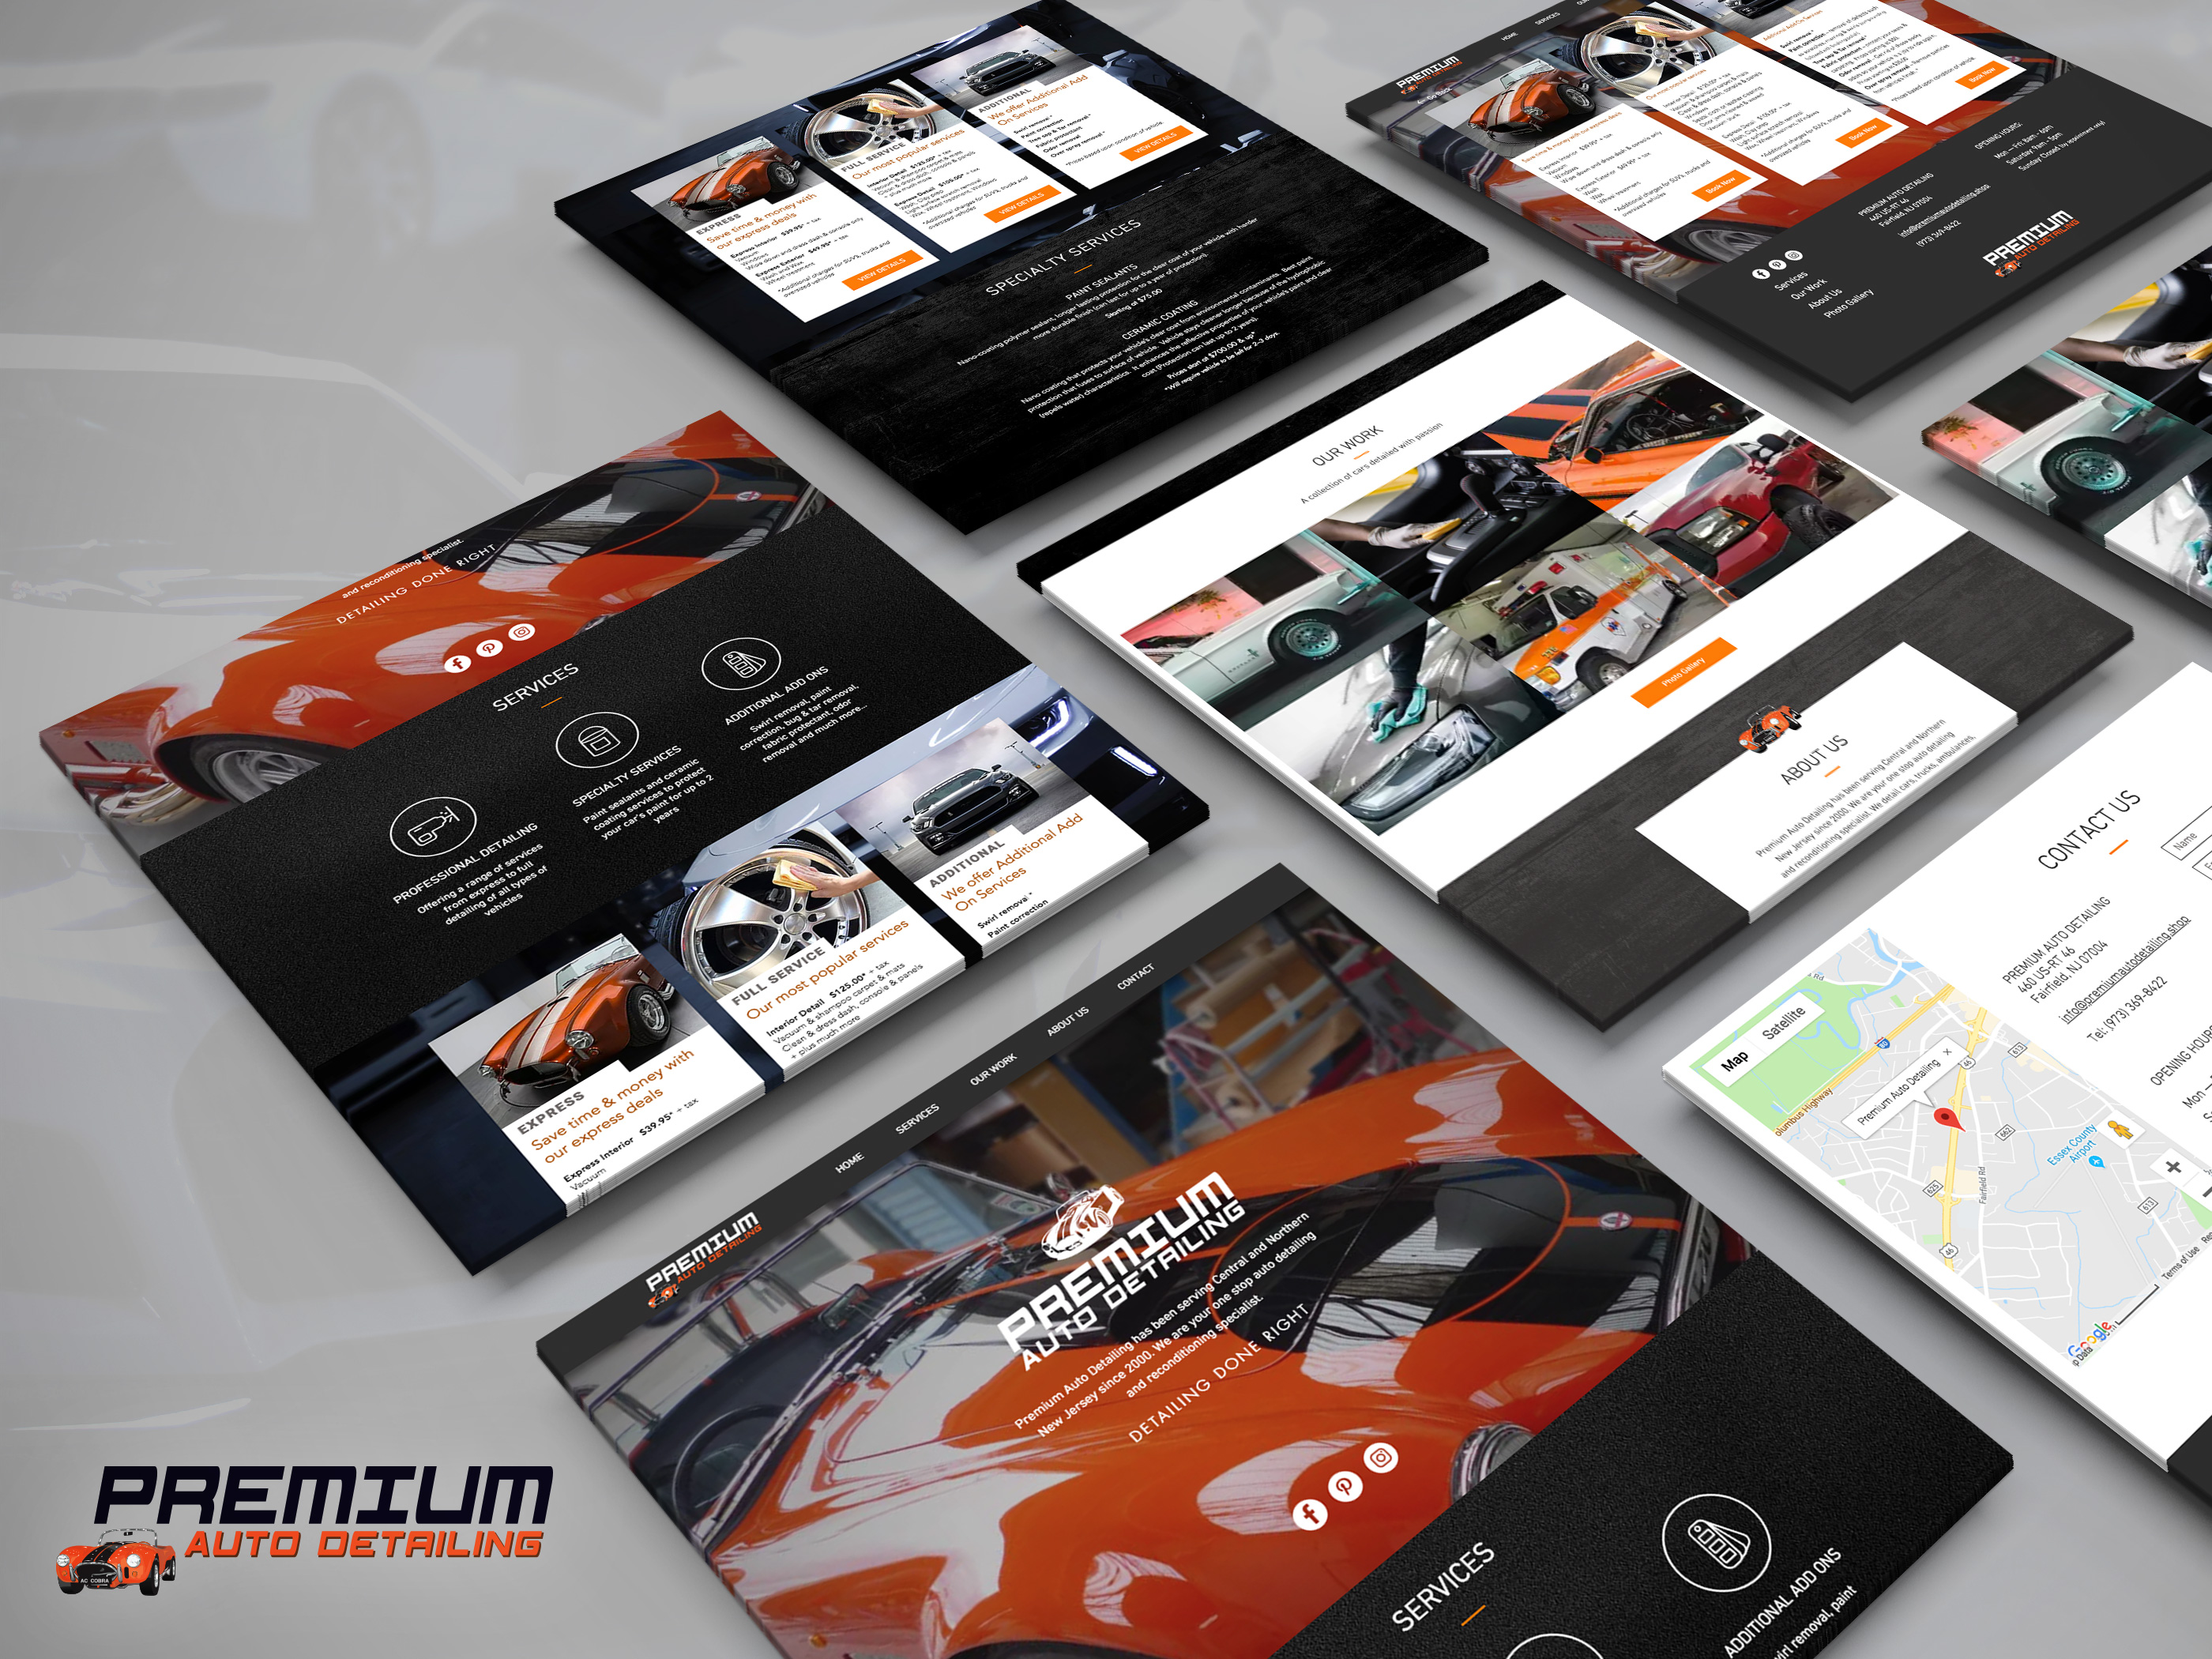 Premium Auto Detailing